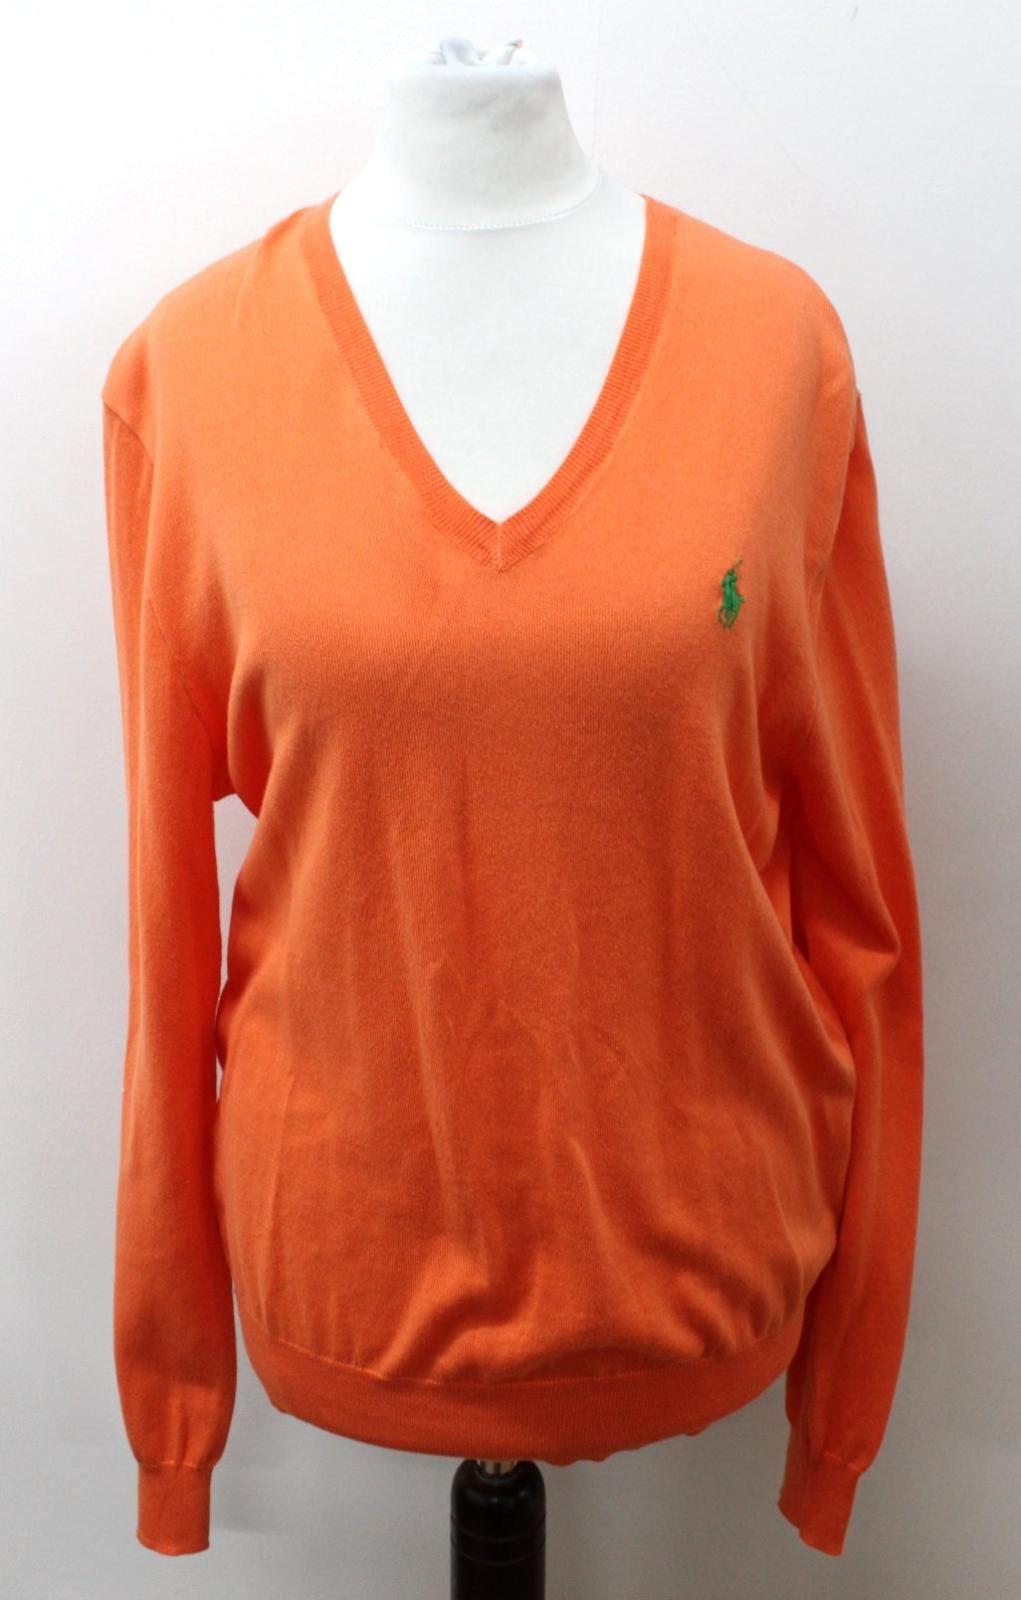 100% Vero Polo By Ralph Lauren Donna Arancione Cotone Manica Lunga Collo V Maglione Taglia S-mostra Il Titolo Originale Colori Armoniosi